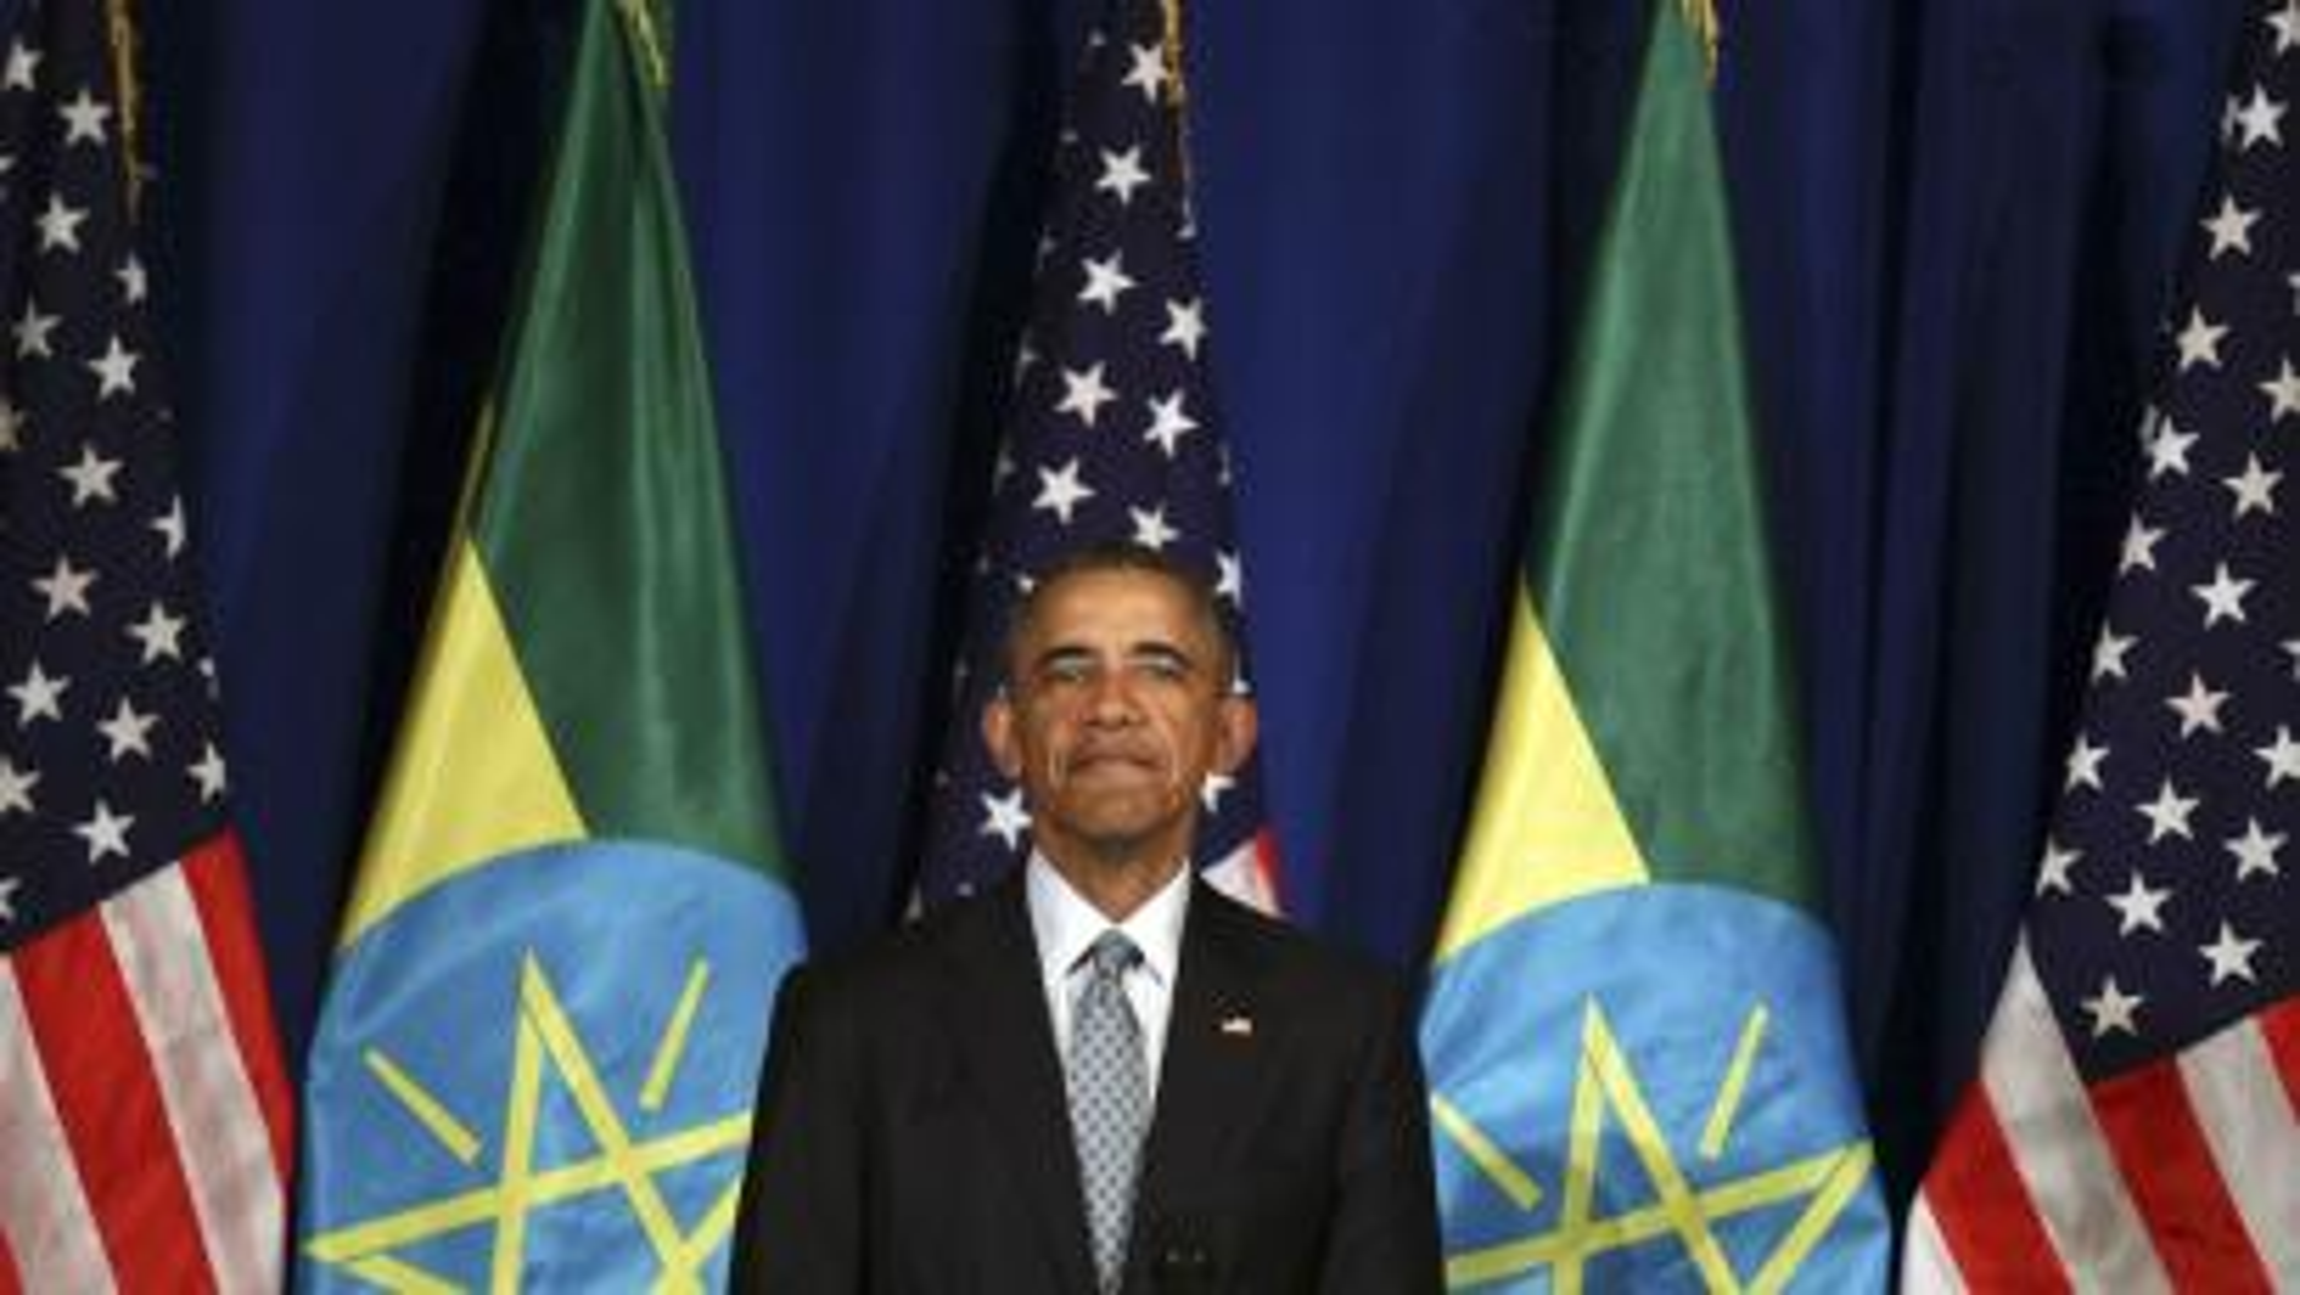 US president Barack Obama speaks at the National Palace in Addis Ababa, Ethiopia.